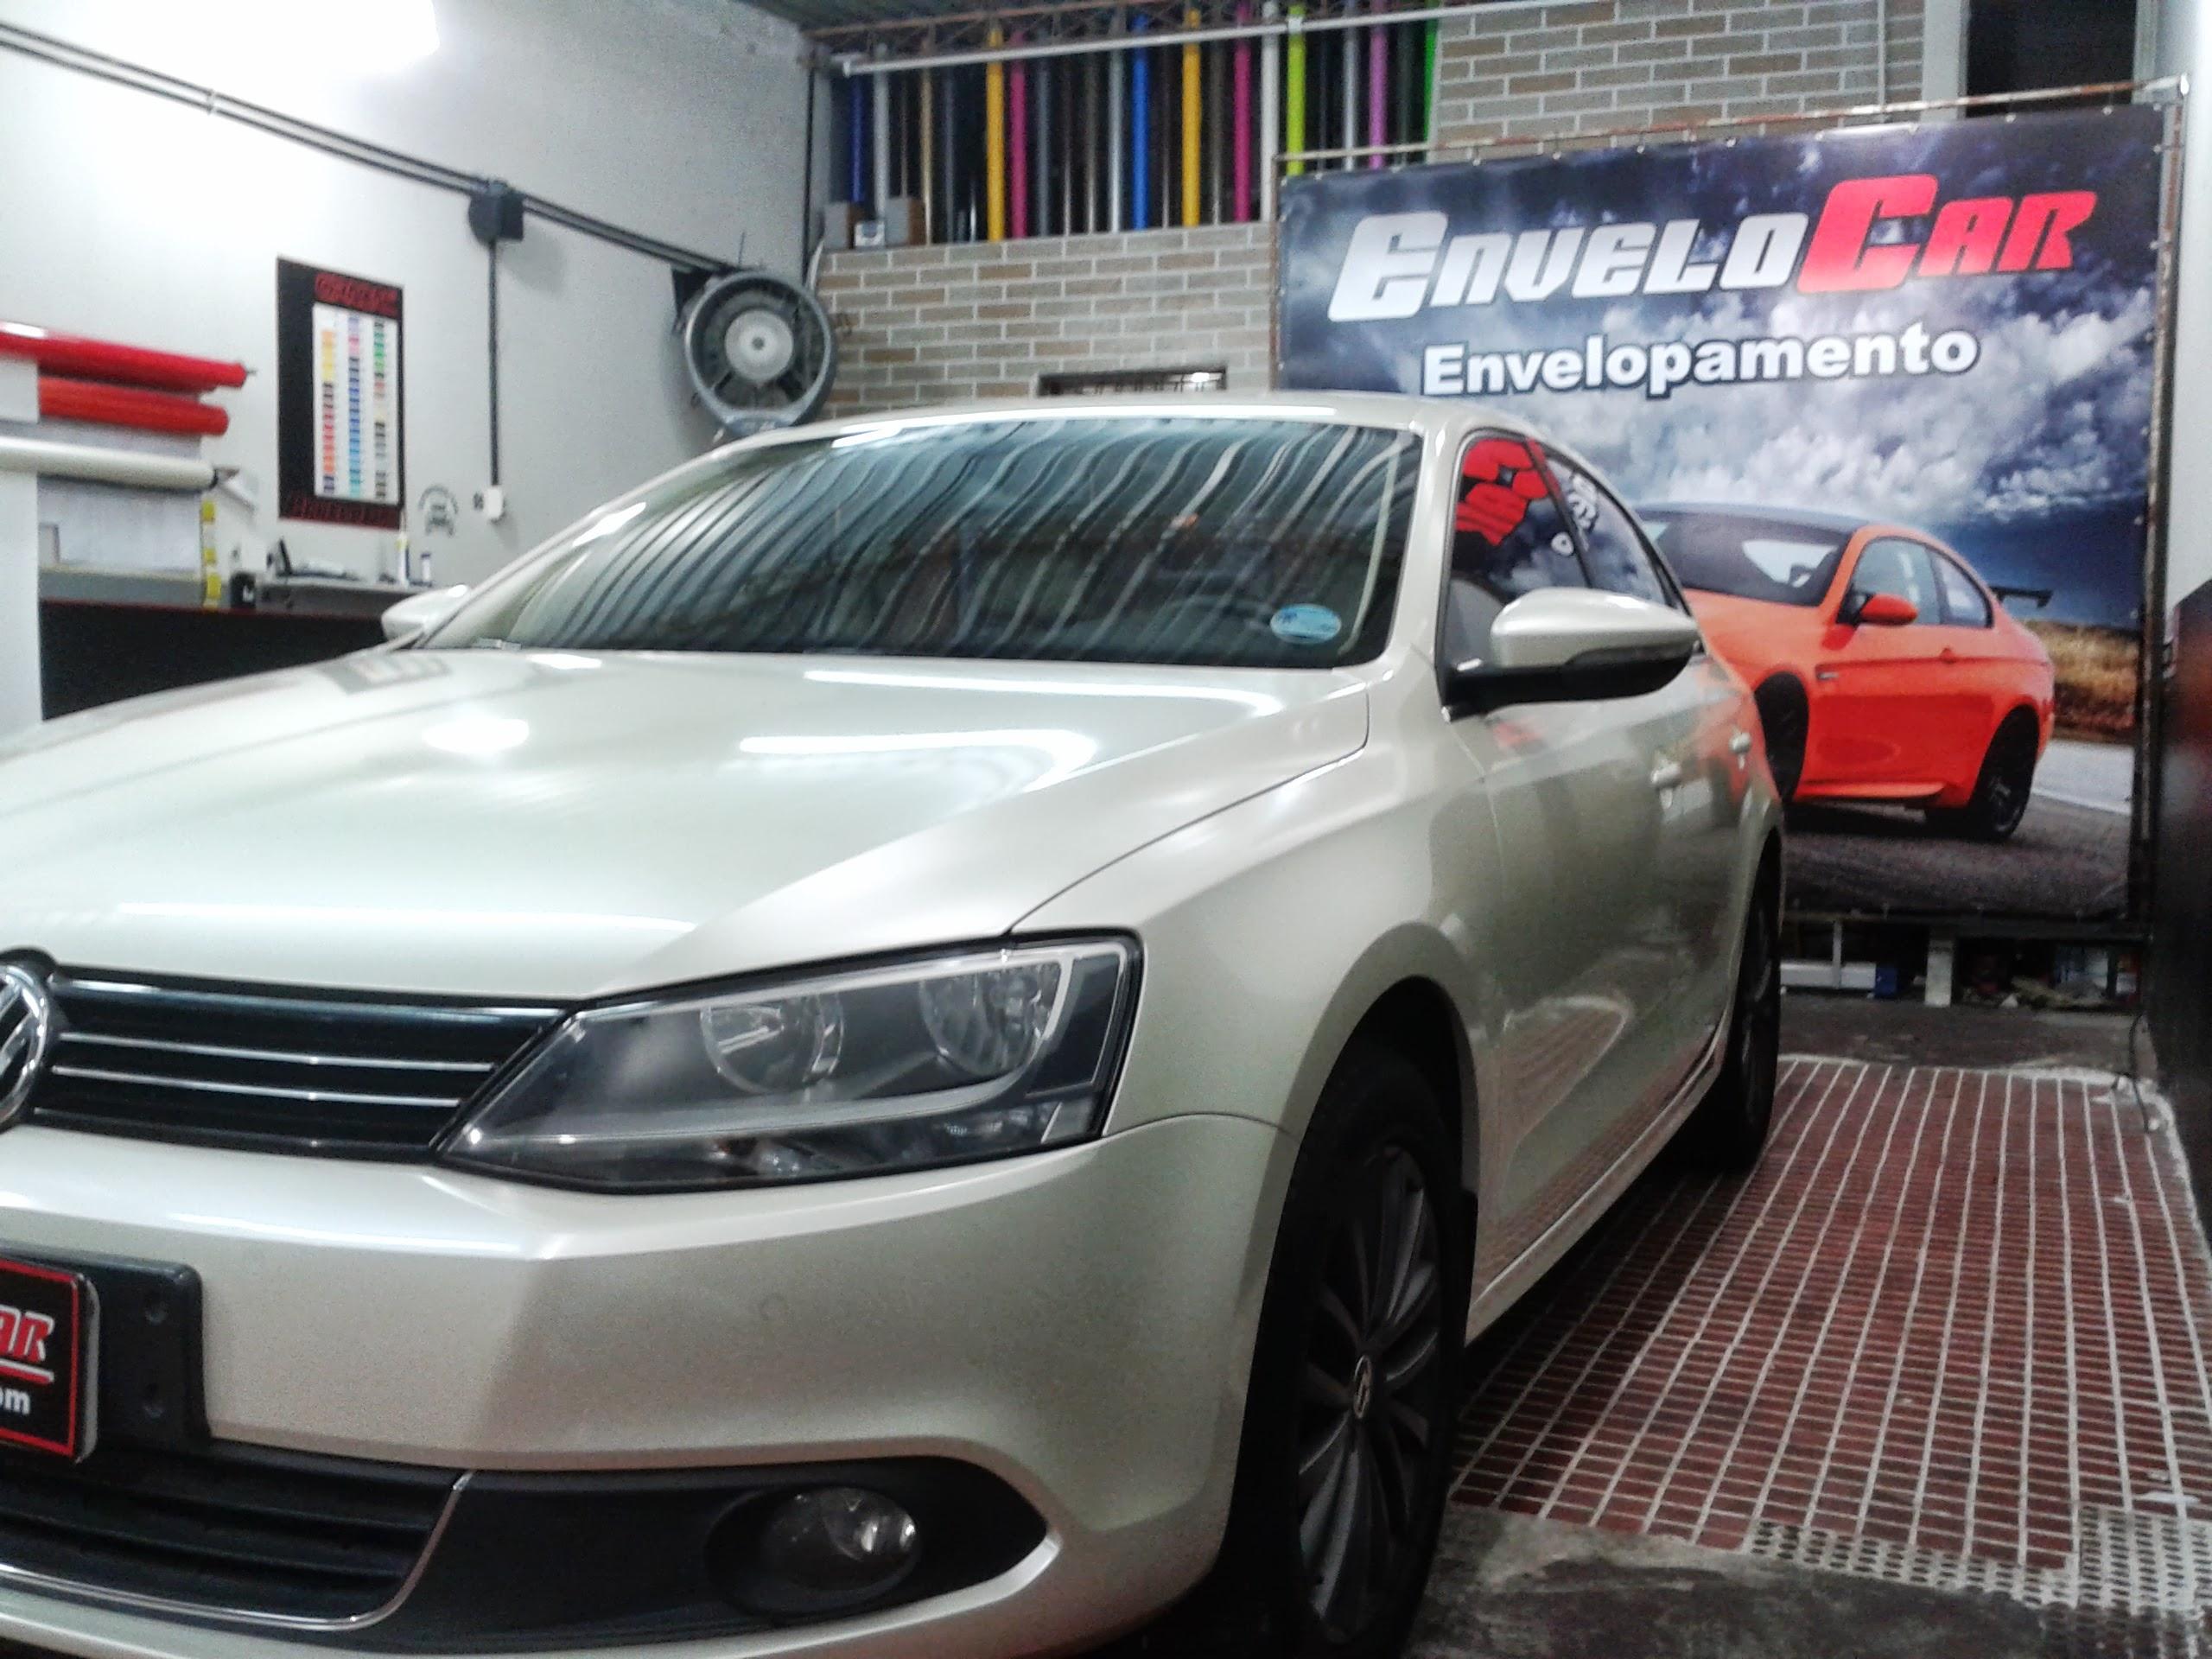 VW JETTA ENVELOPAMENTO BRANCO PÉROLA (1).jpg